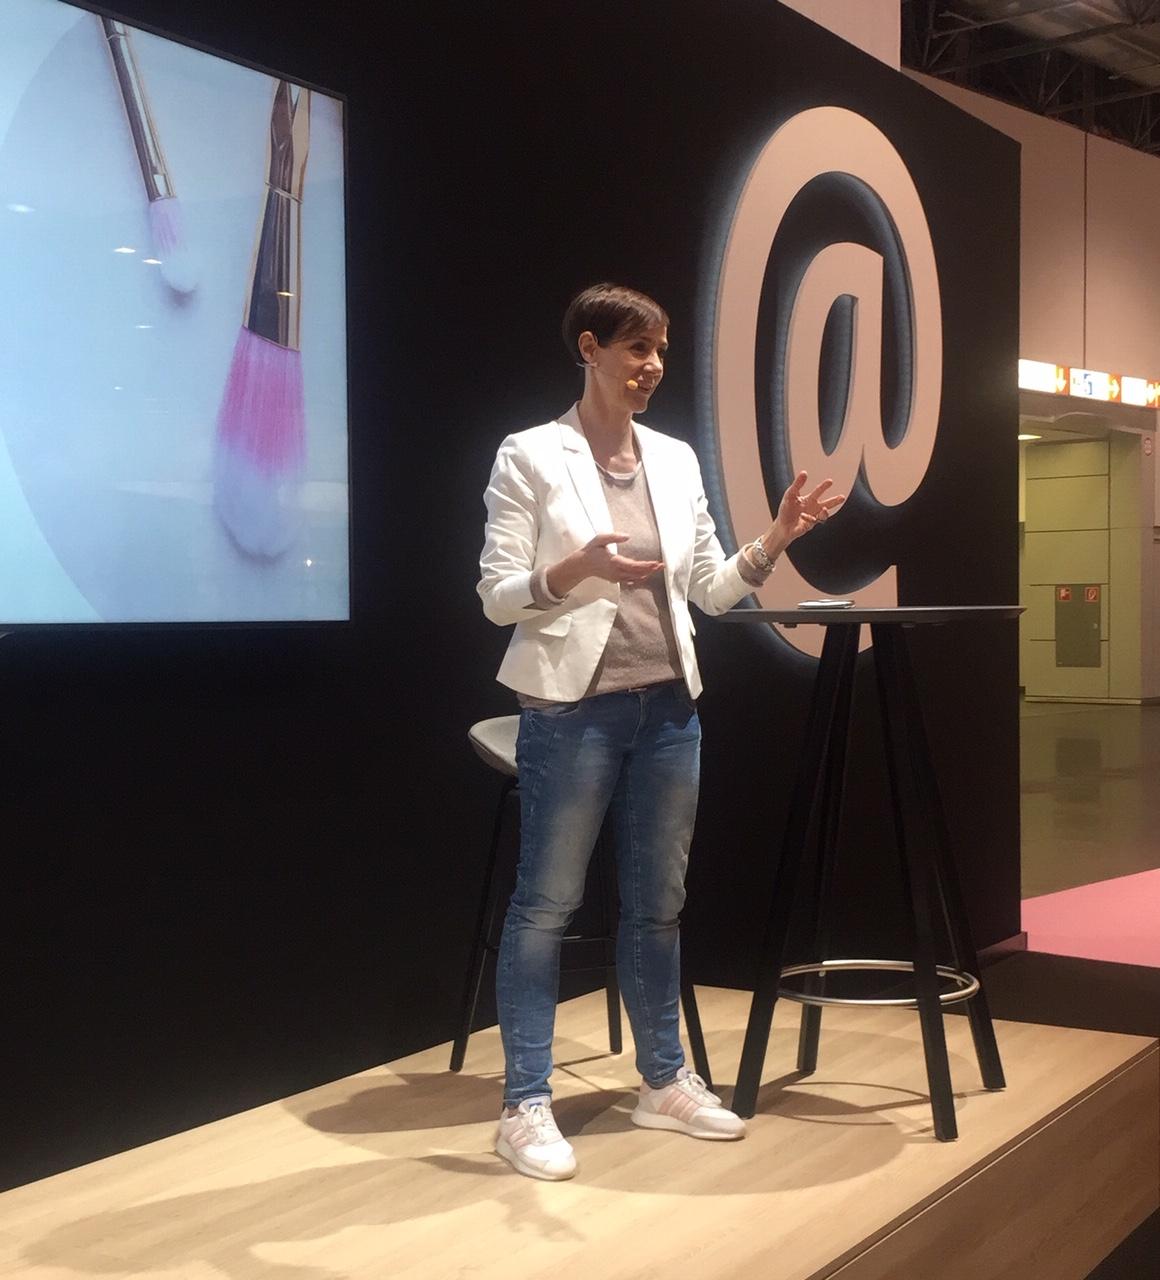 Beautybloggerin Anja Frankenhäuser aka Schminktante spricht im Websalon der Fachmesse BEAUTY Düsseldorf 2019 über ihre Erfahrungen.